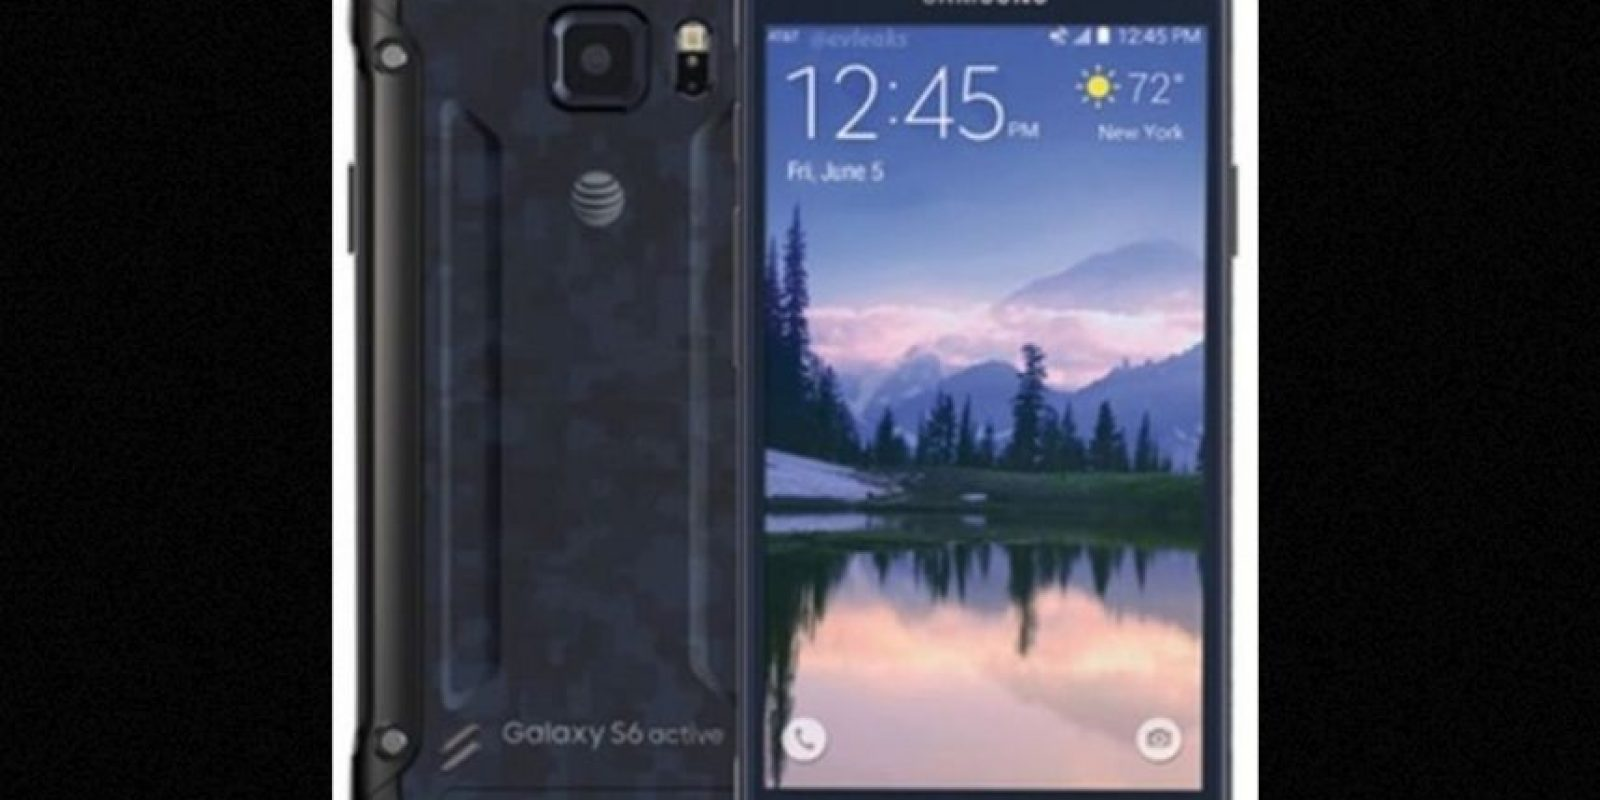 Su sistema operativo sería Android Lollipop 5.0.2 Foto:gsmarena.com